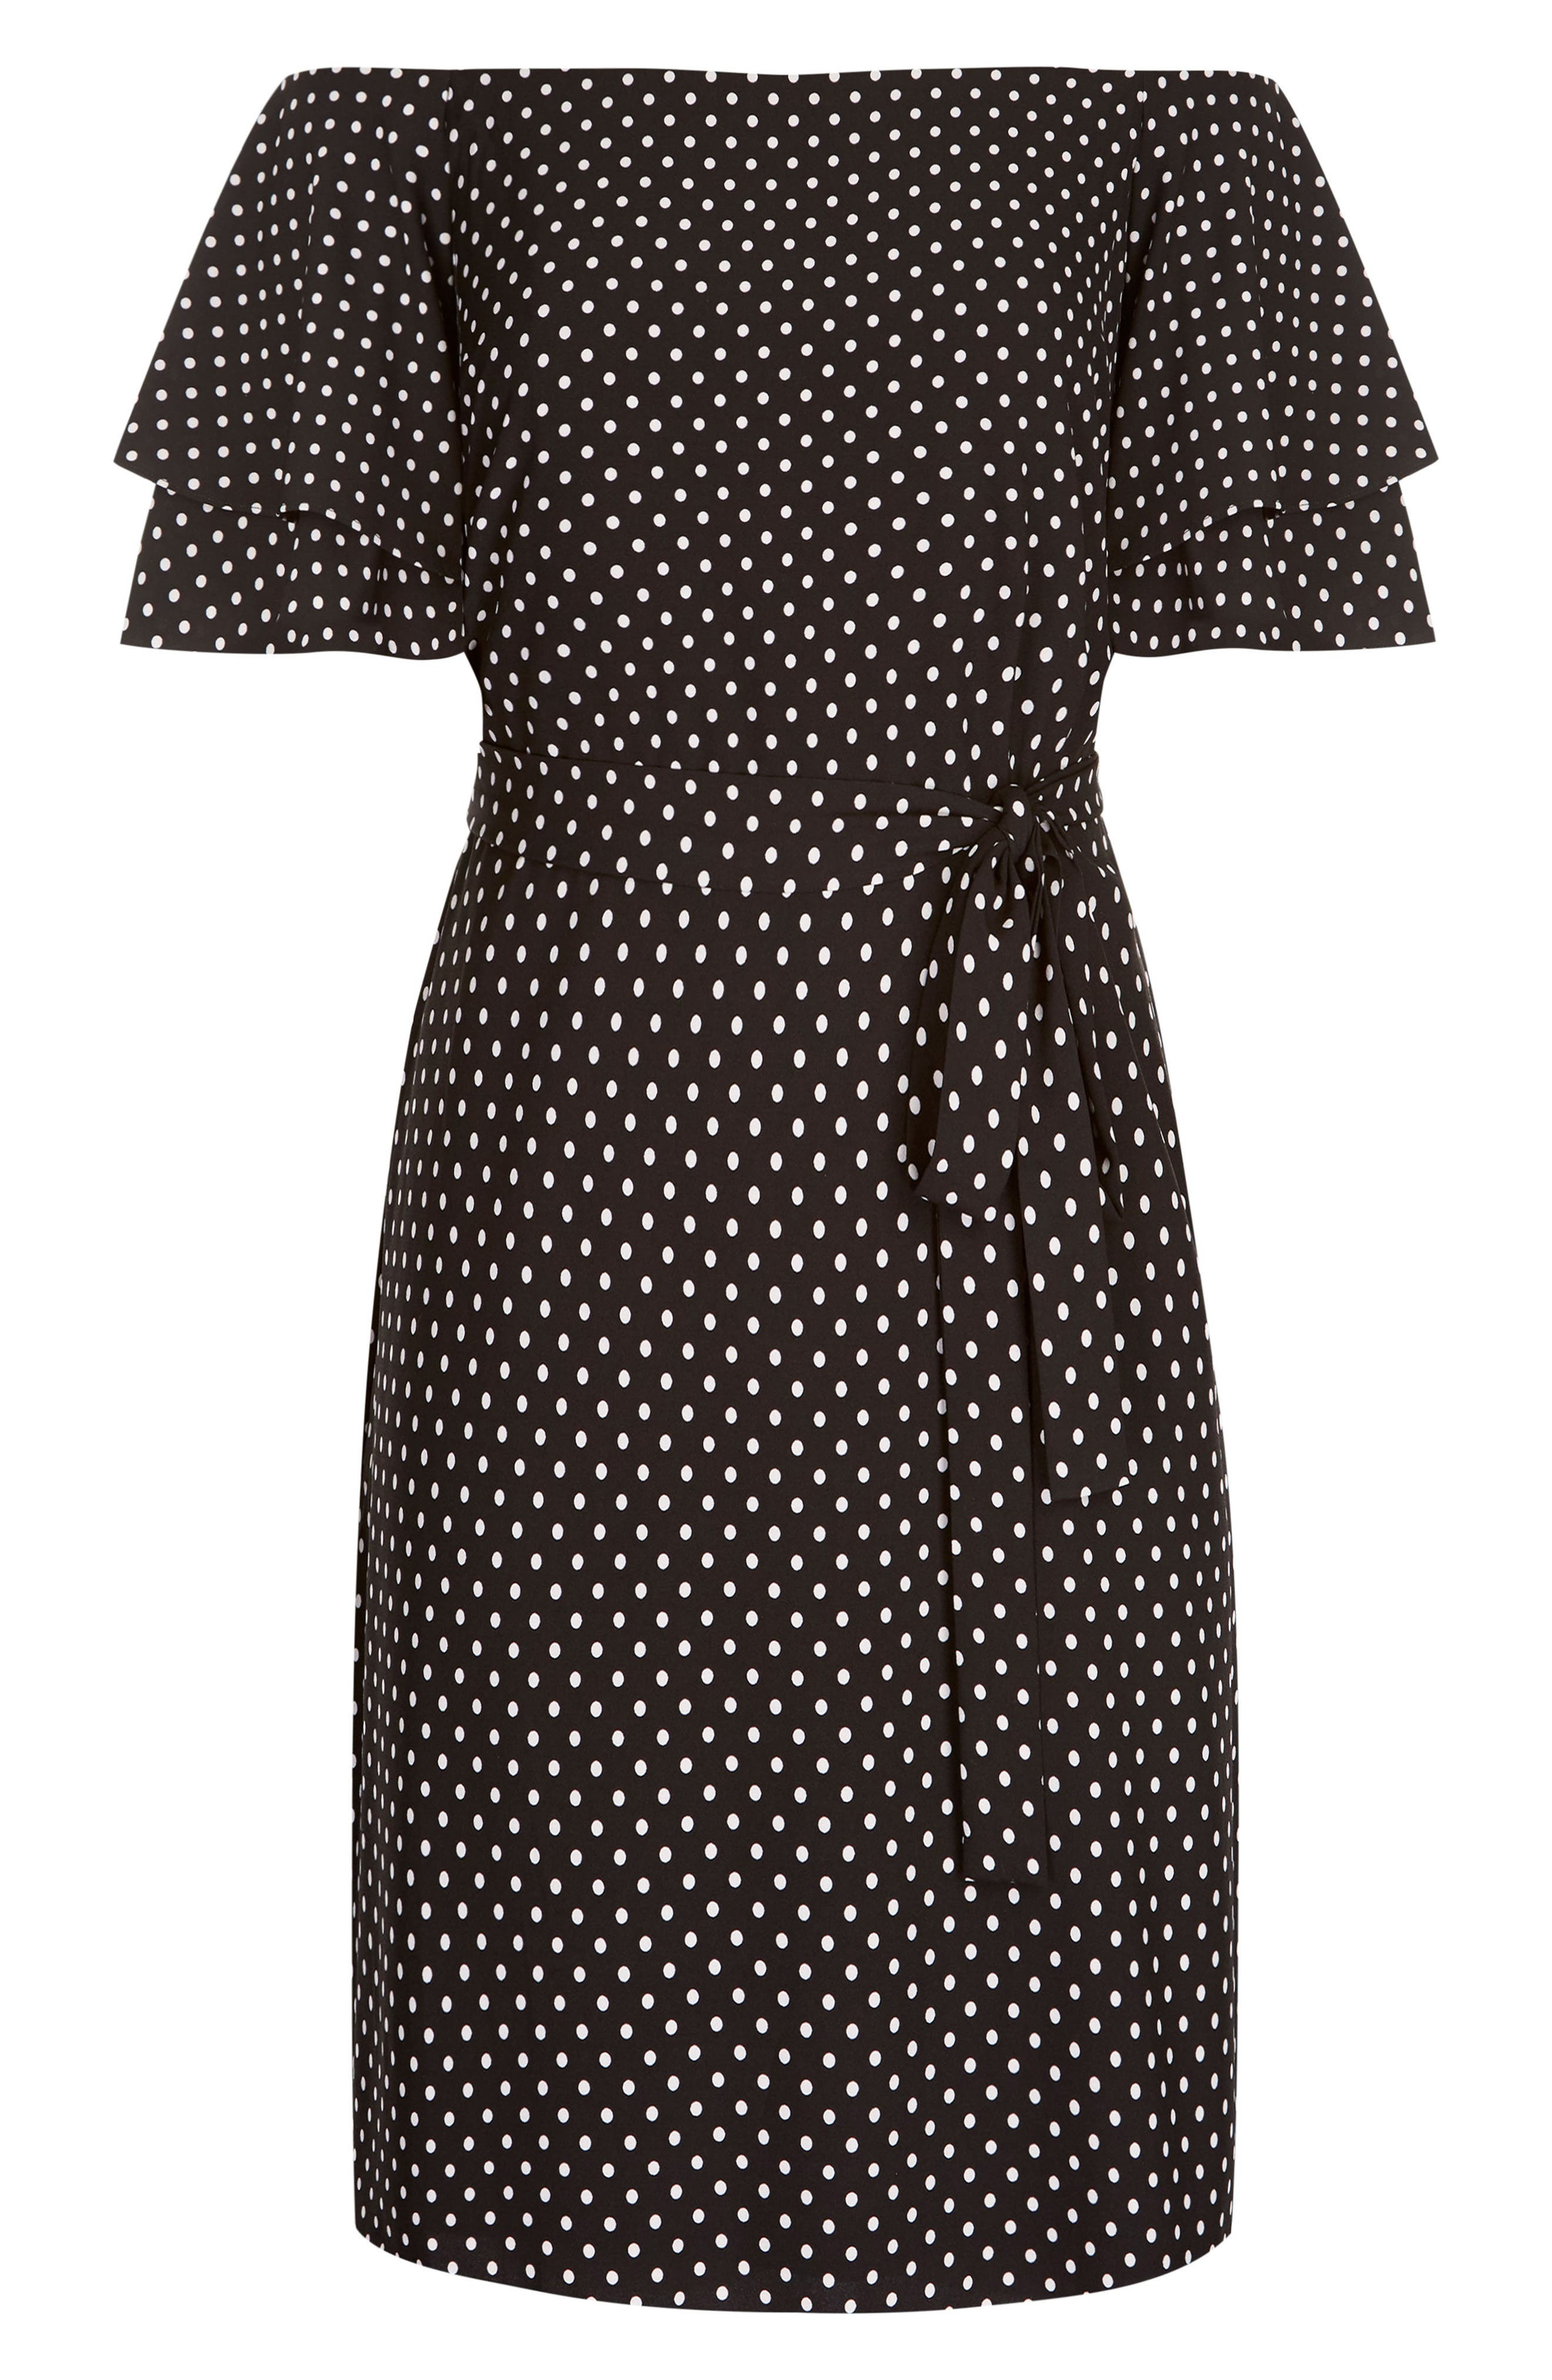 Flutter Sleeve Print Off the Shoulder Dress,                             Alternate thumbnail 4, color,                             SPOT